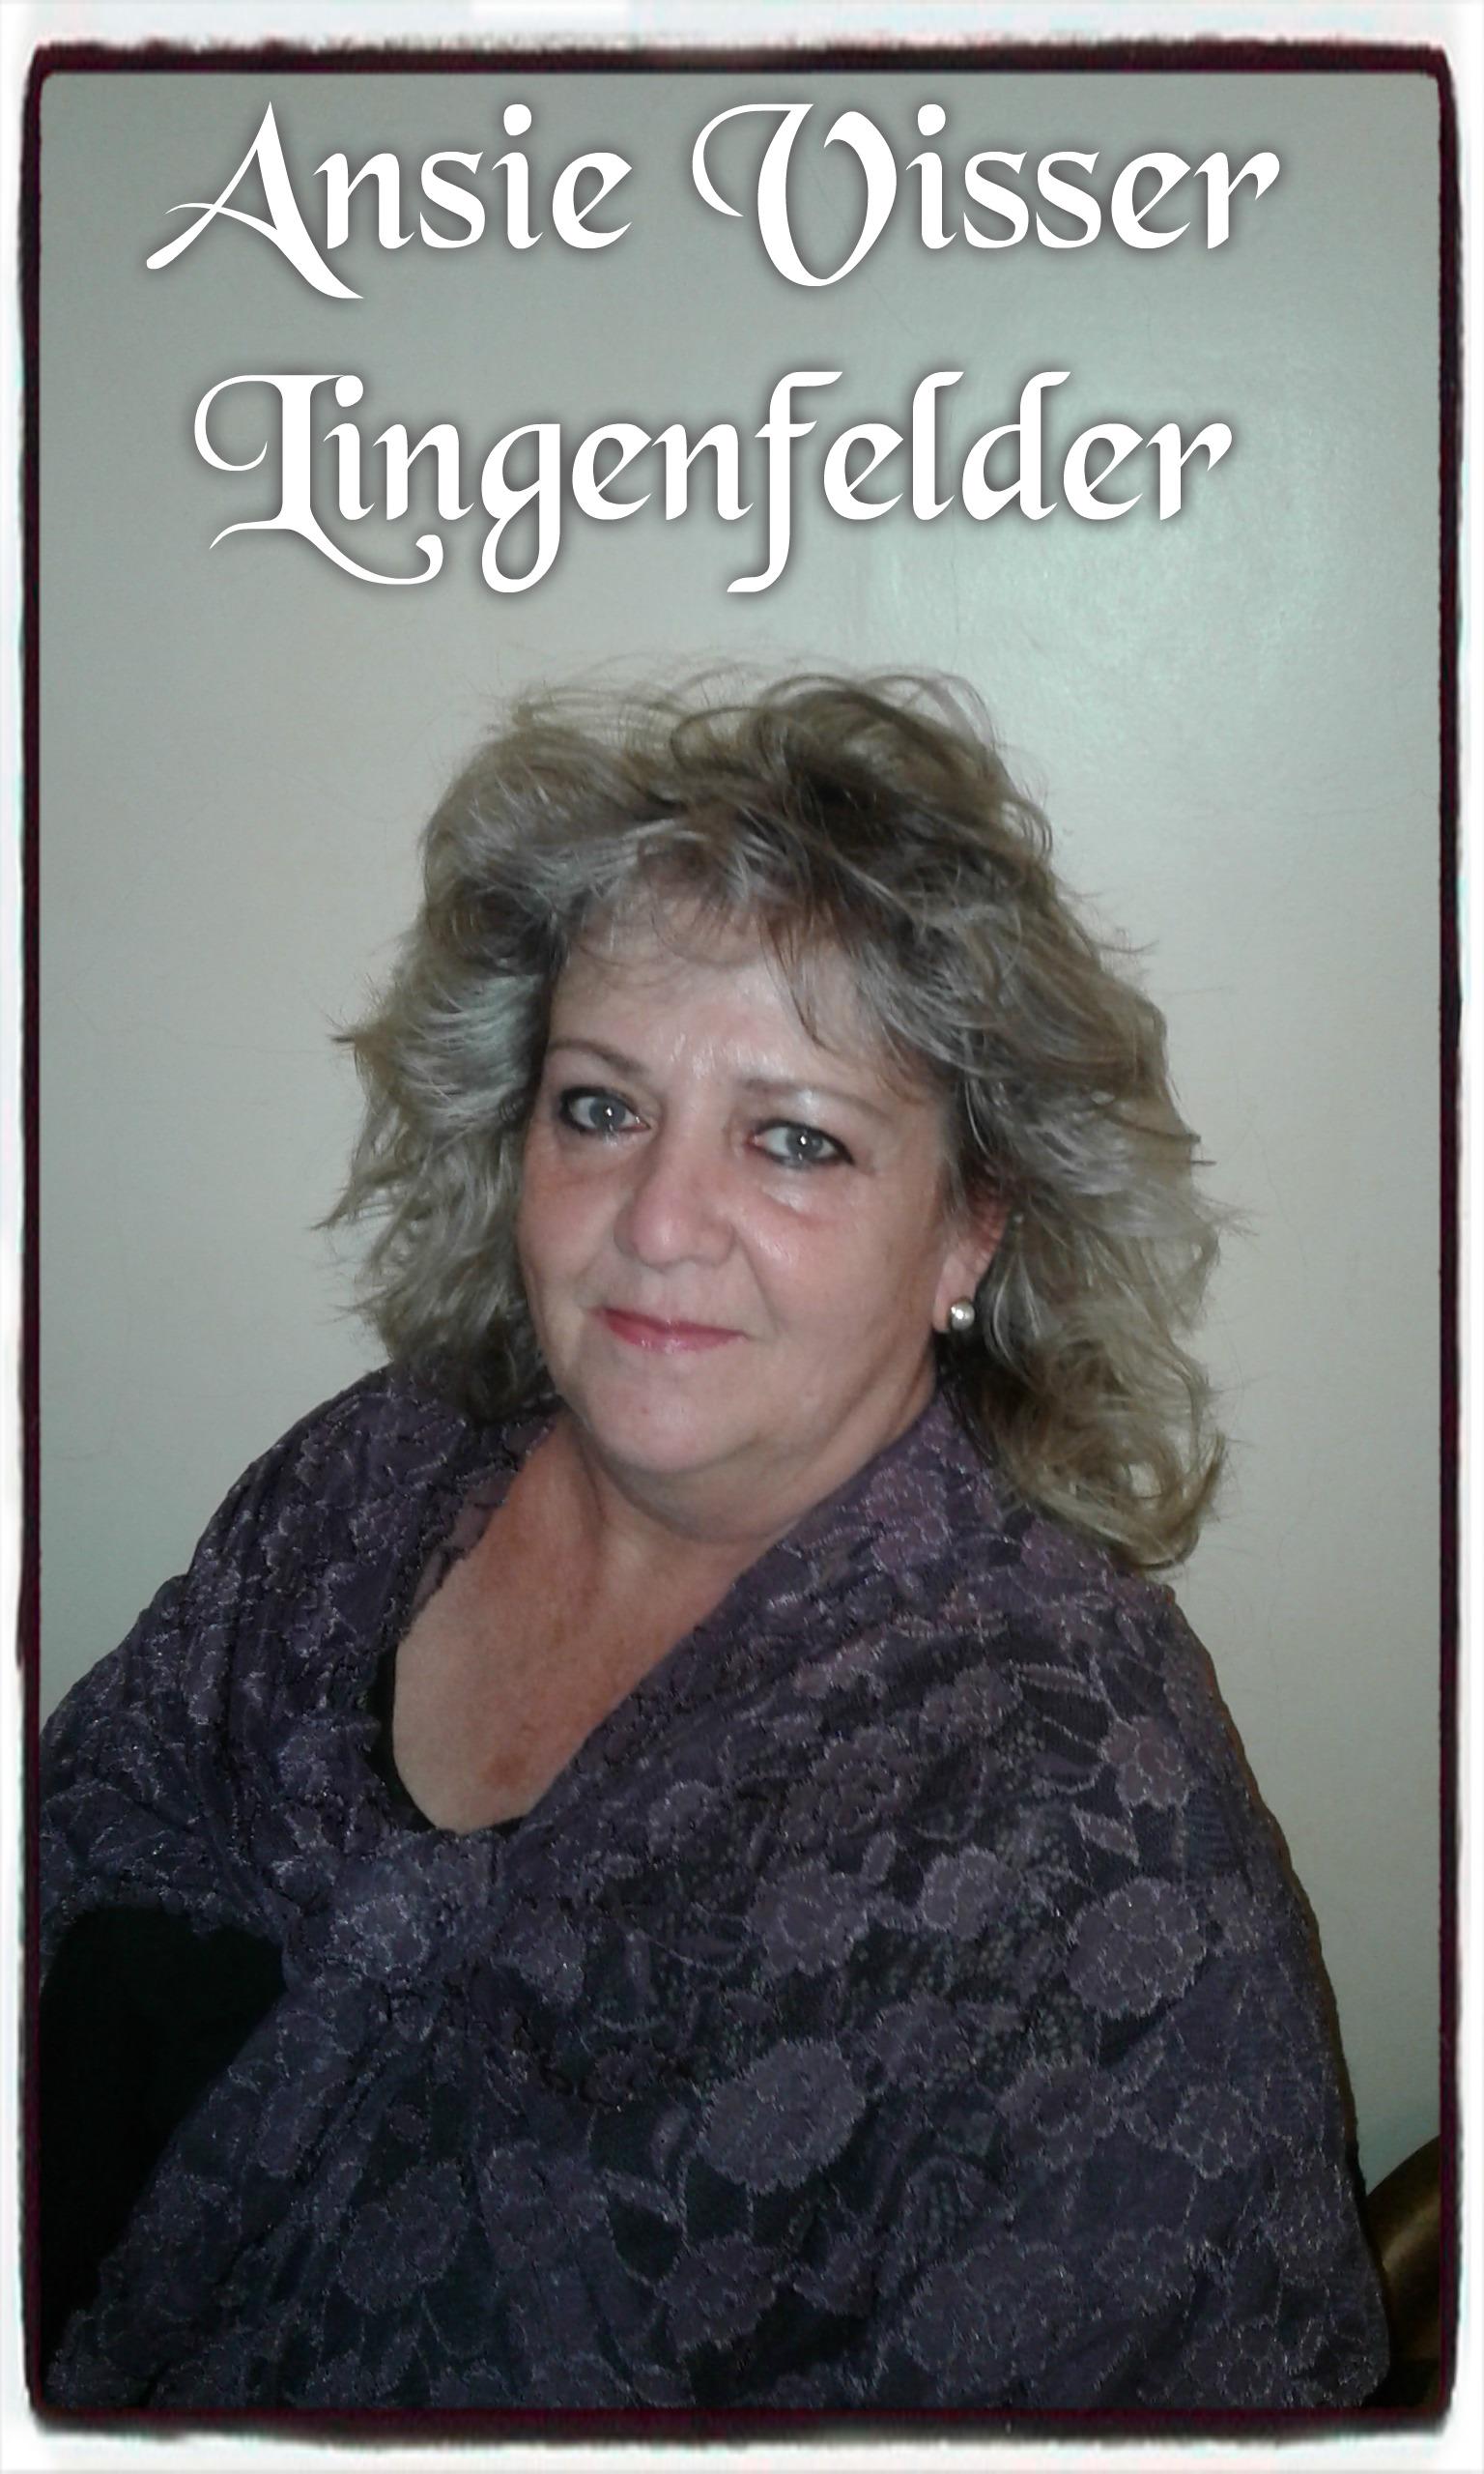 Ansie Visser Lingenfelder